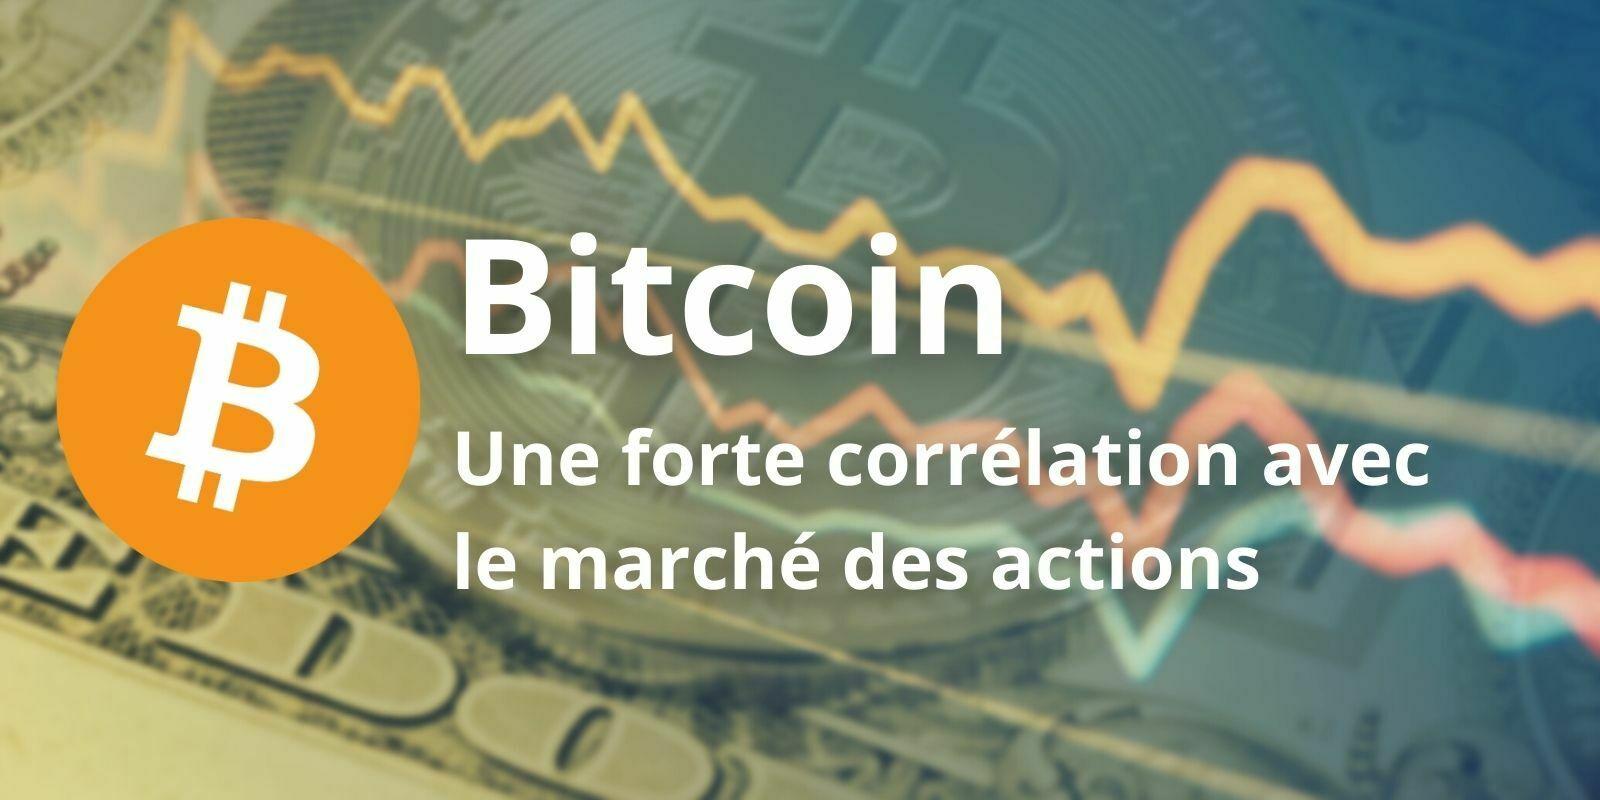 Bitcoin (BTC) - La corrélation positive avec le marché actions reste forte